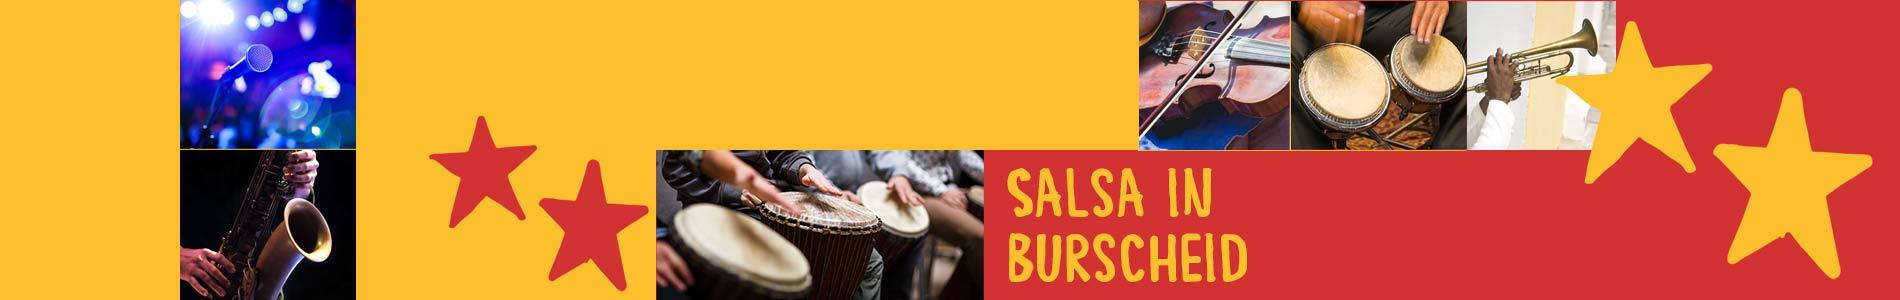 Salsa in Burscheid – Salsa lernen und tanzen, Tanzkurse, Partys, Veranstaltungen